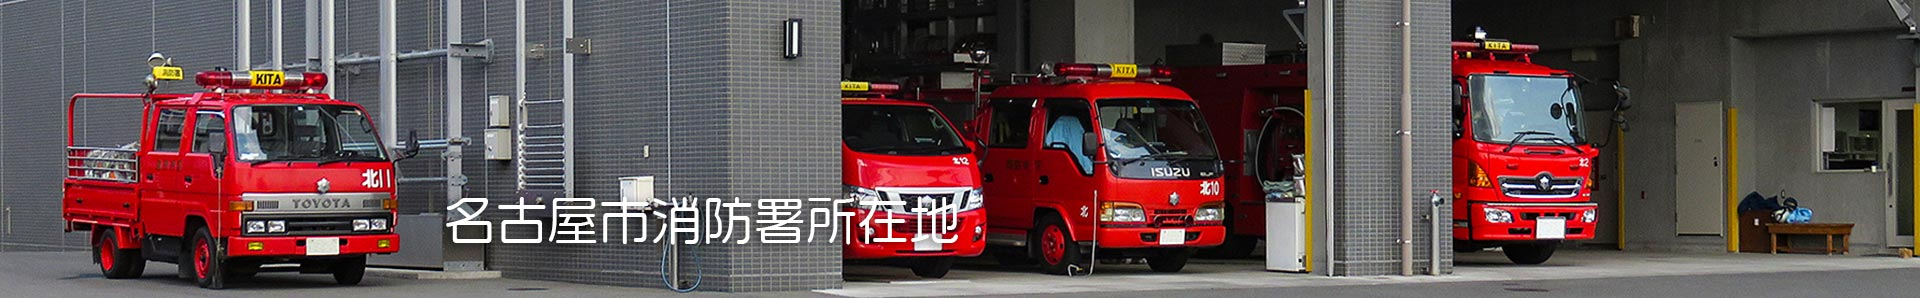 名古屋市消防署